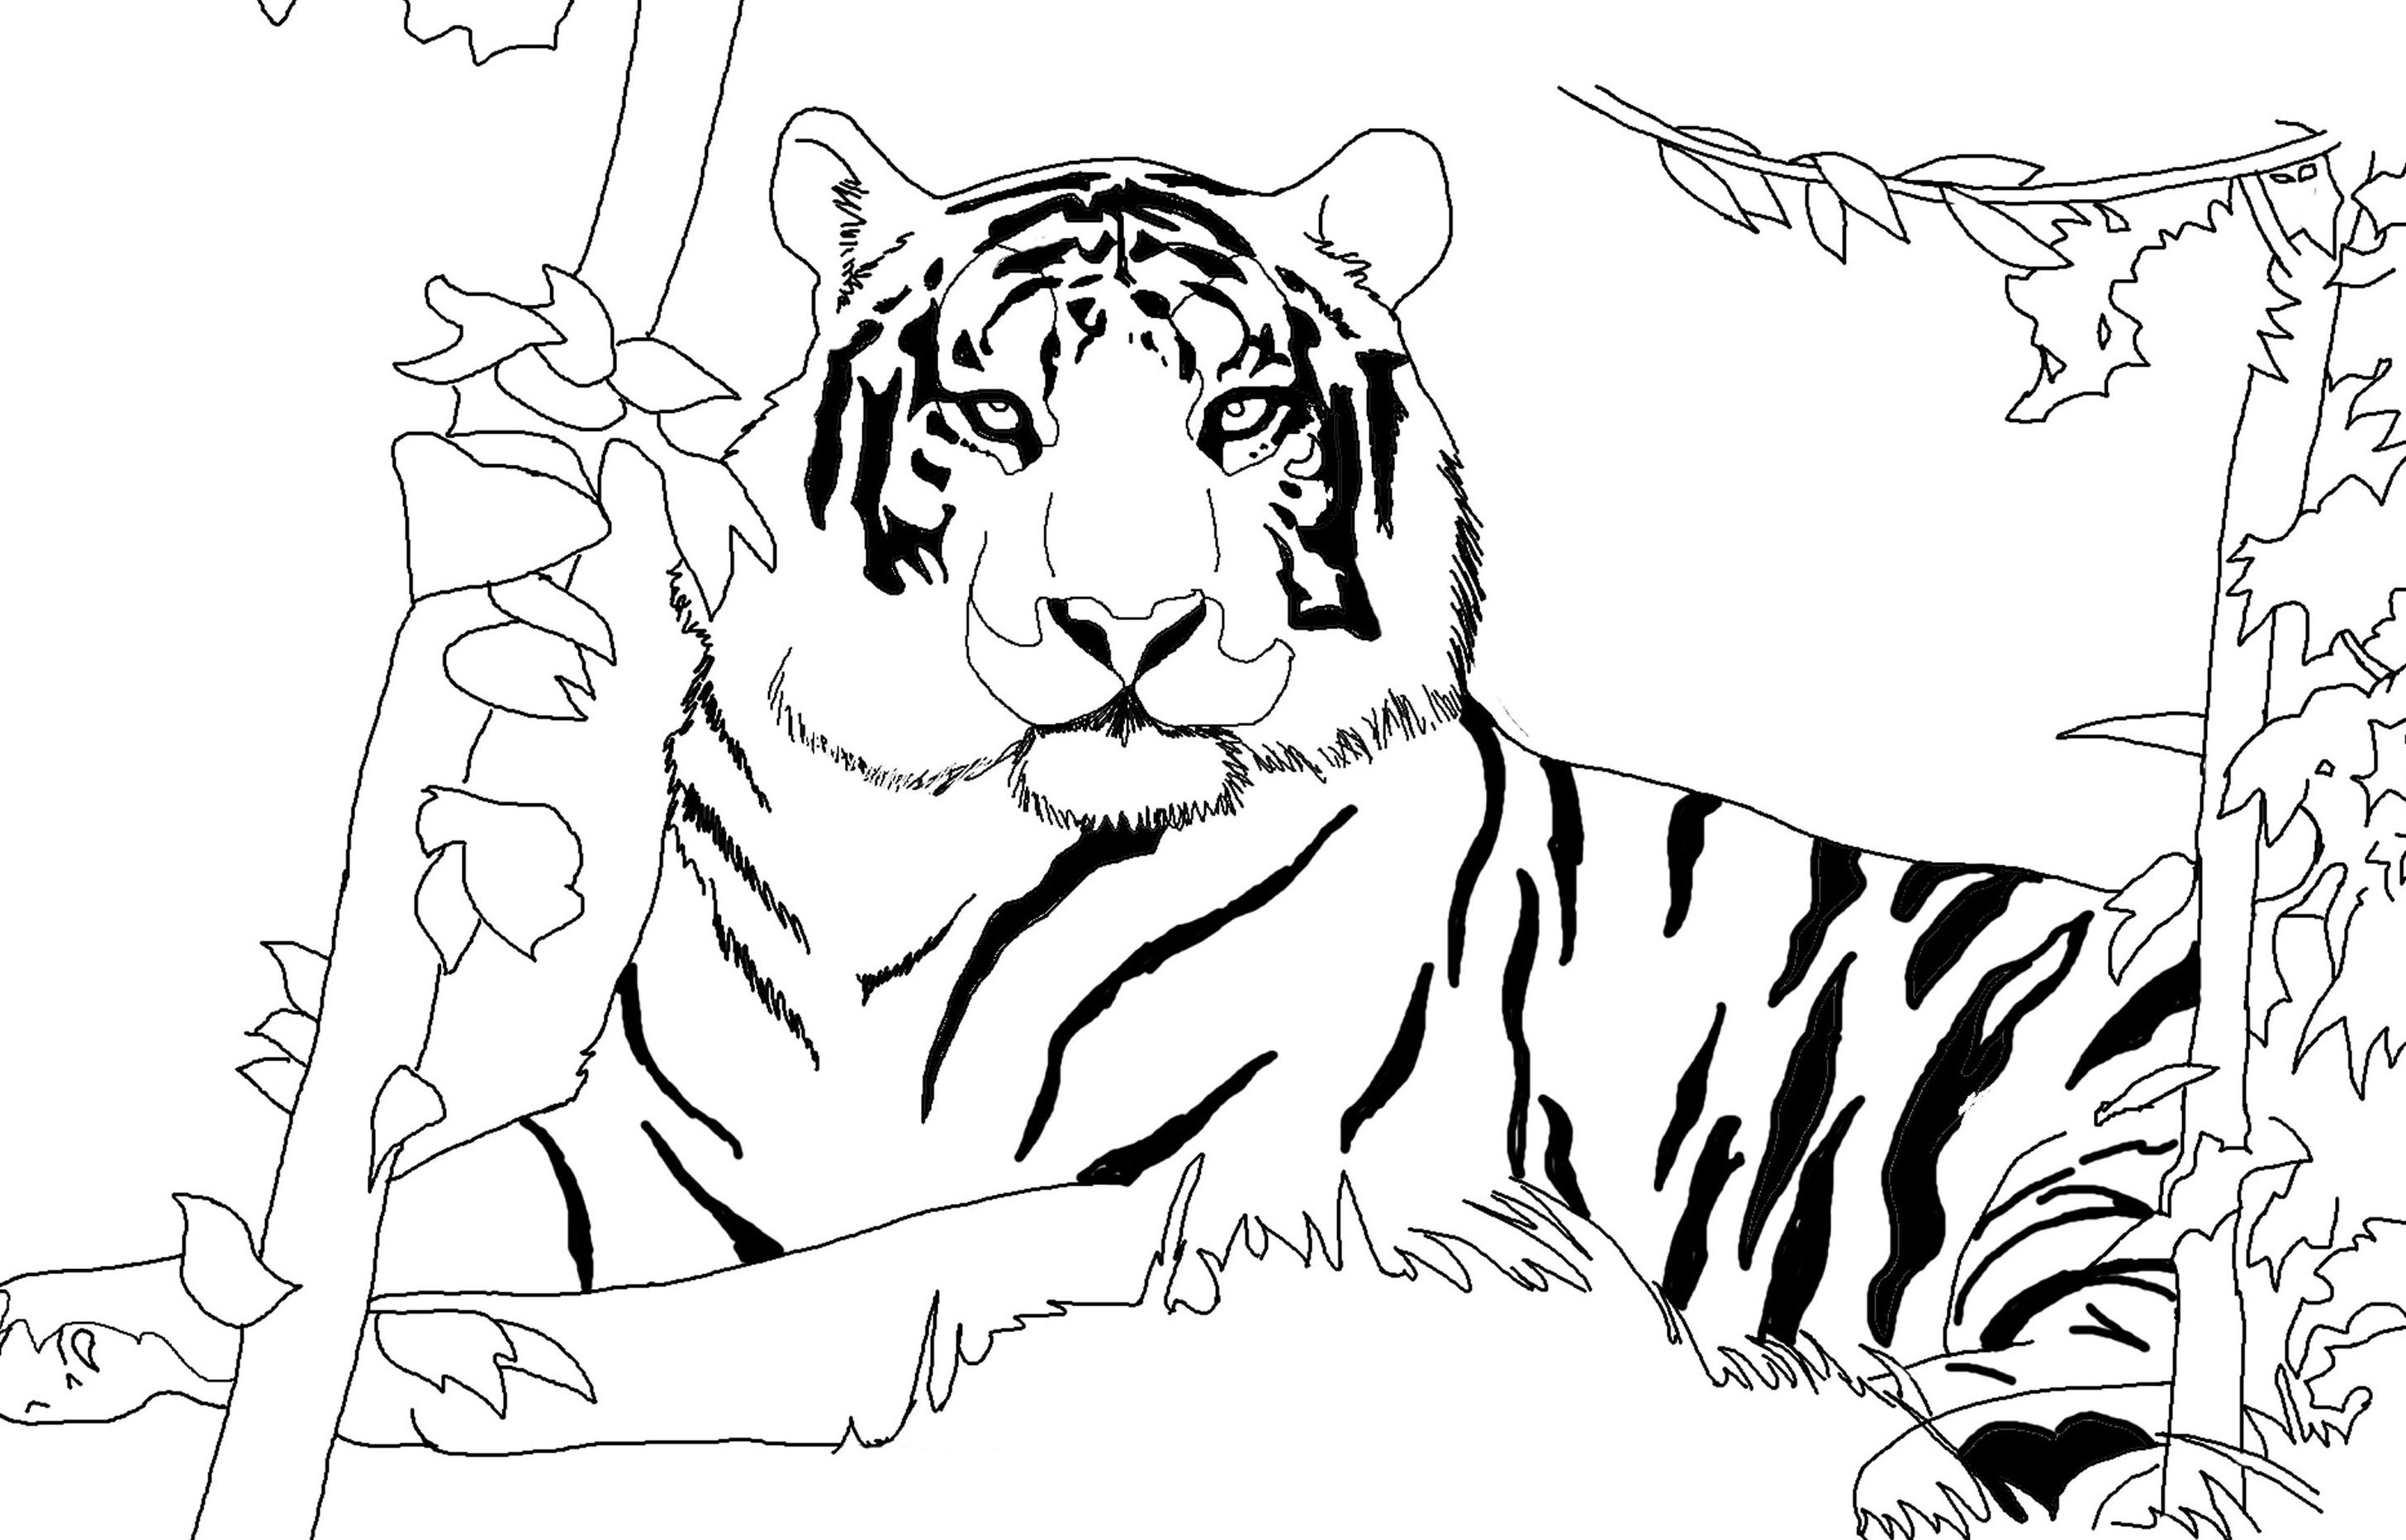 Tranh tô màu con hổ dành cho bé